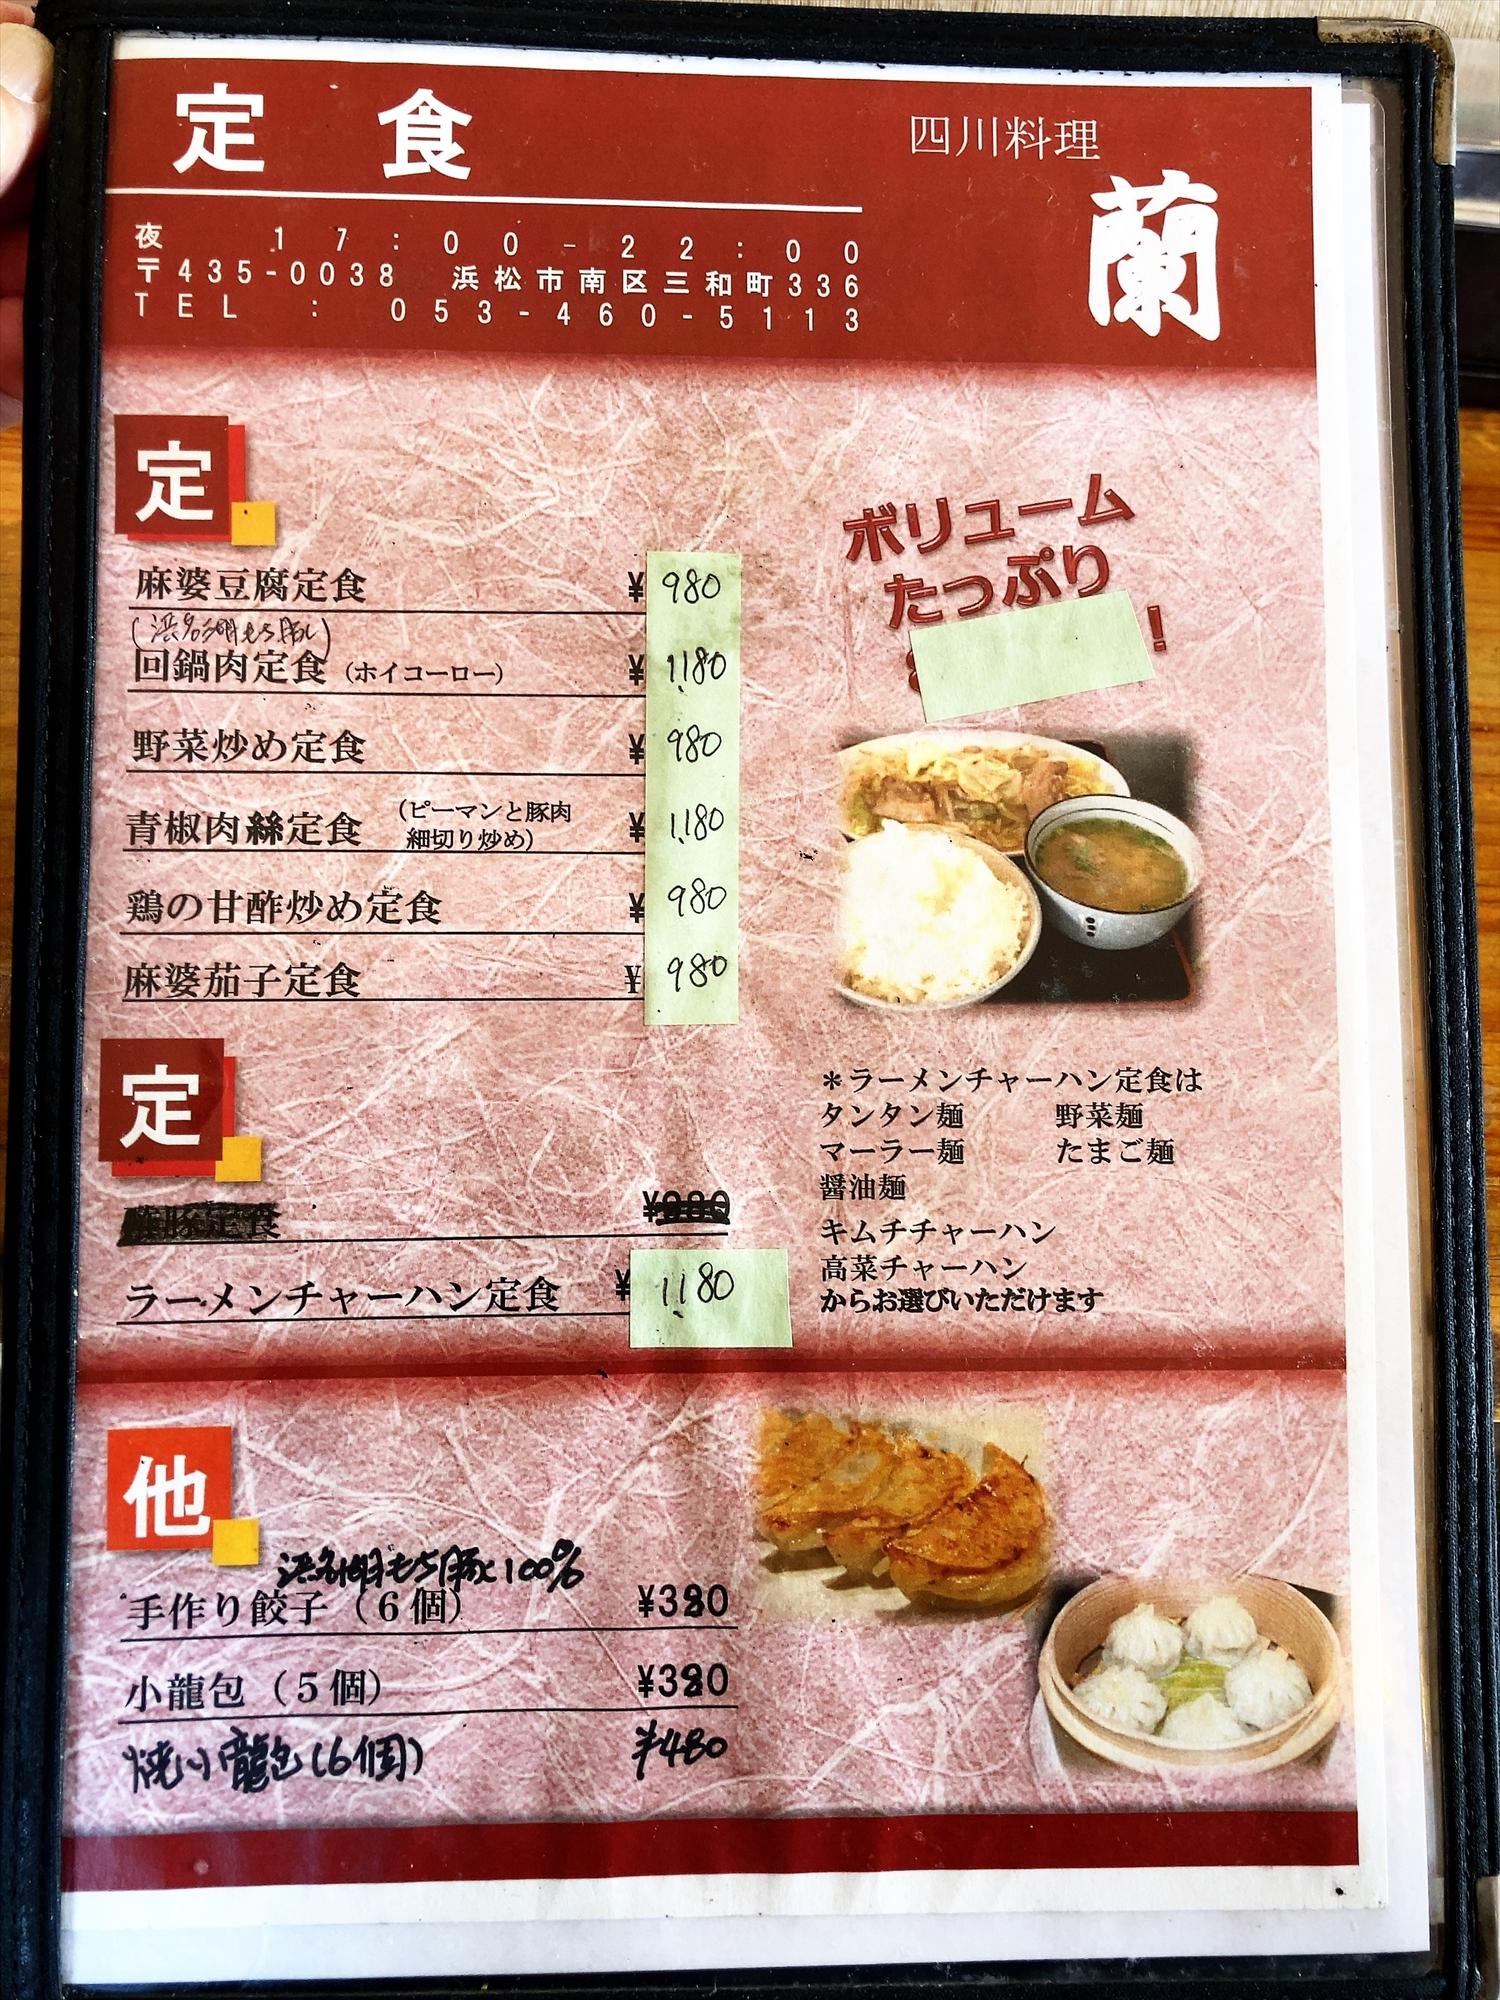 四川料理 蘭のメニュー